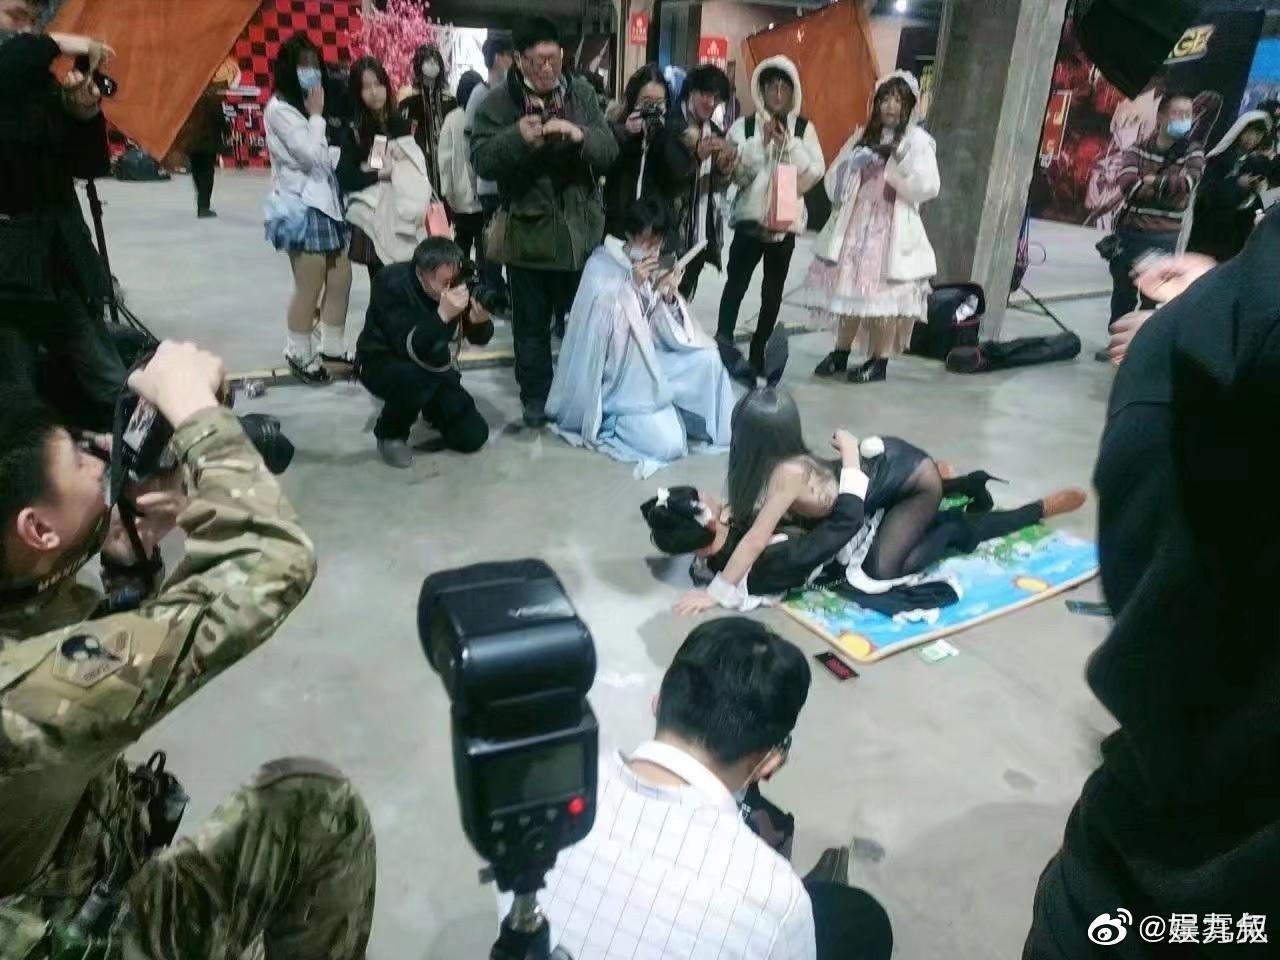 雙腿扛肩上!漫展coser「大玩火辣體位」 網崩潰:還我麻衣學姊!